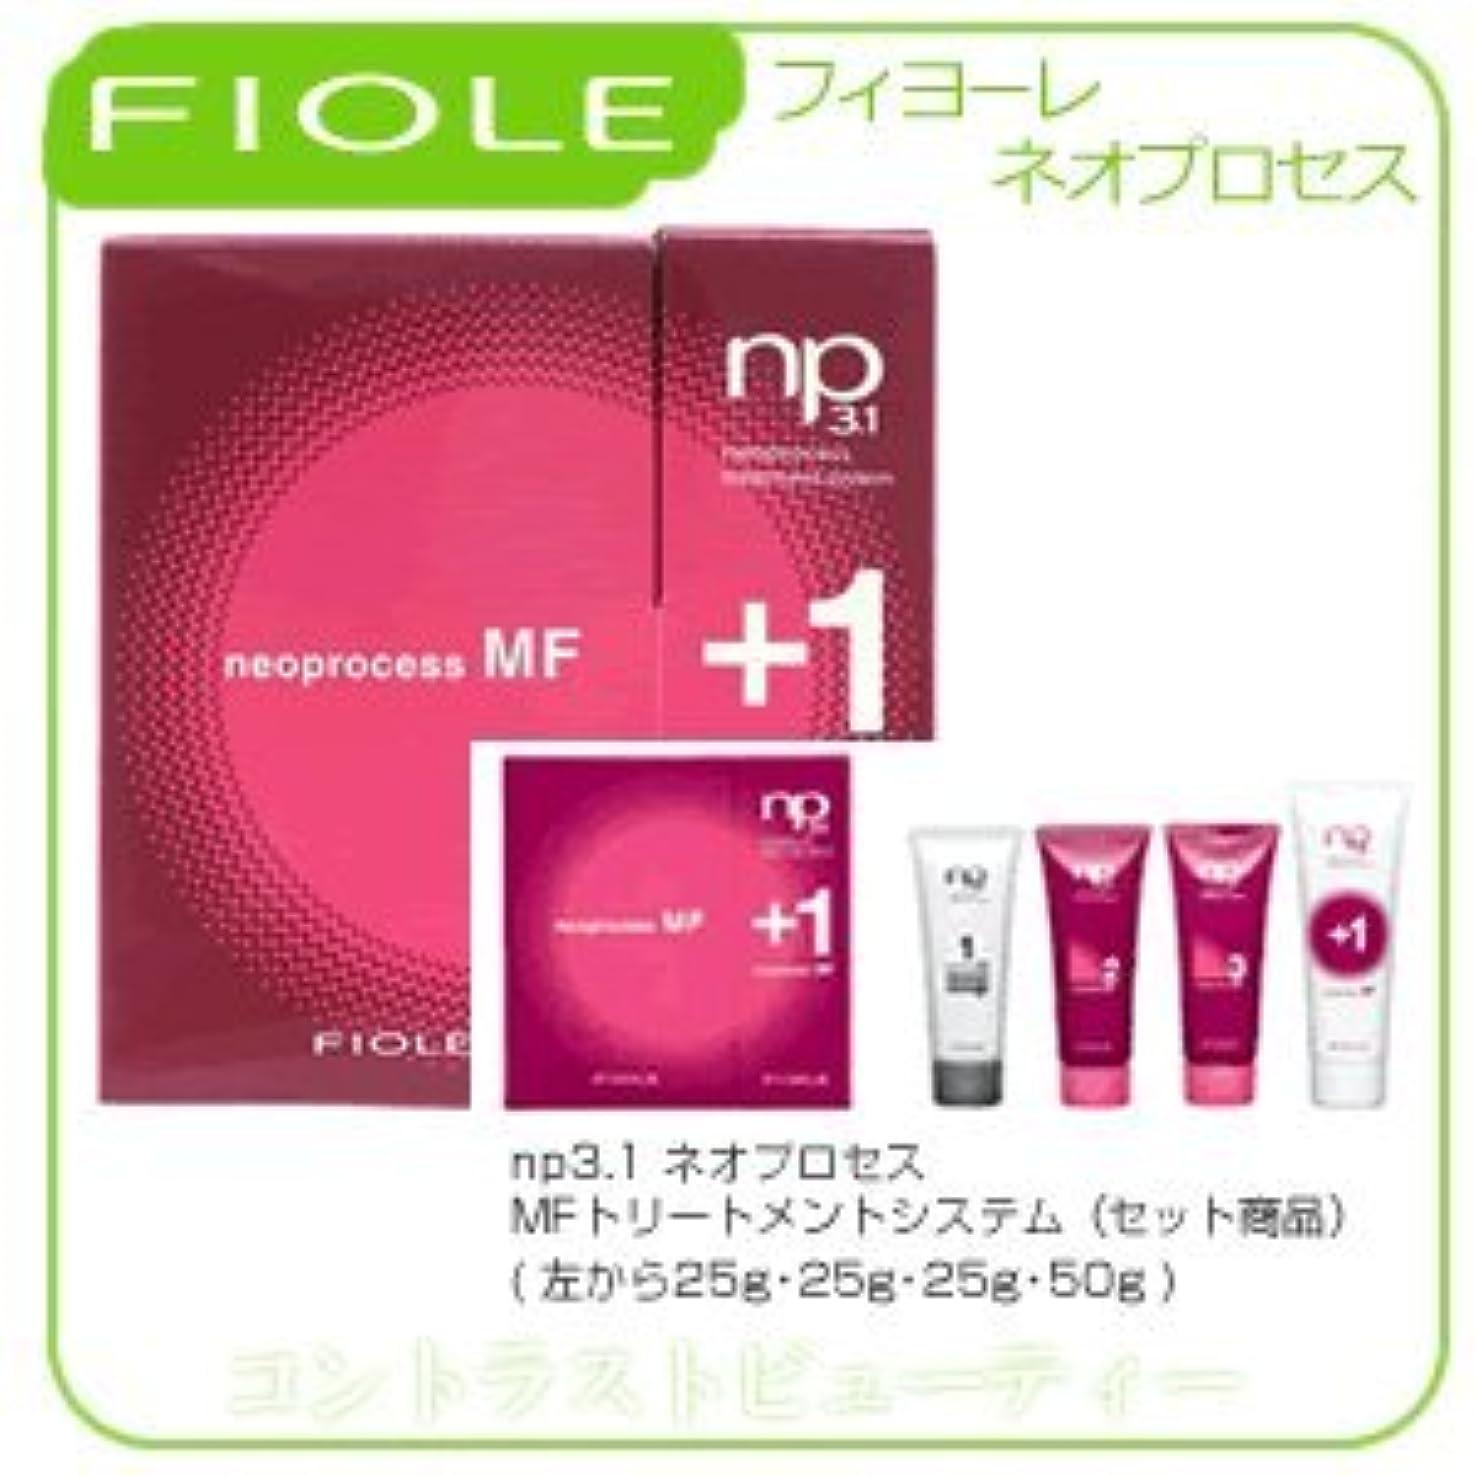 産地確かめる低い【X3個セット】 フィヨーレ NP3.1 ネオプロセス MF トリートメントシステム FIOLE ネオプロセス